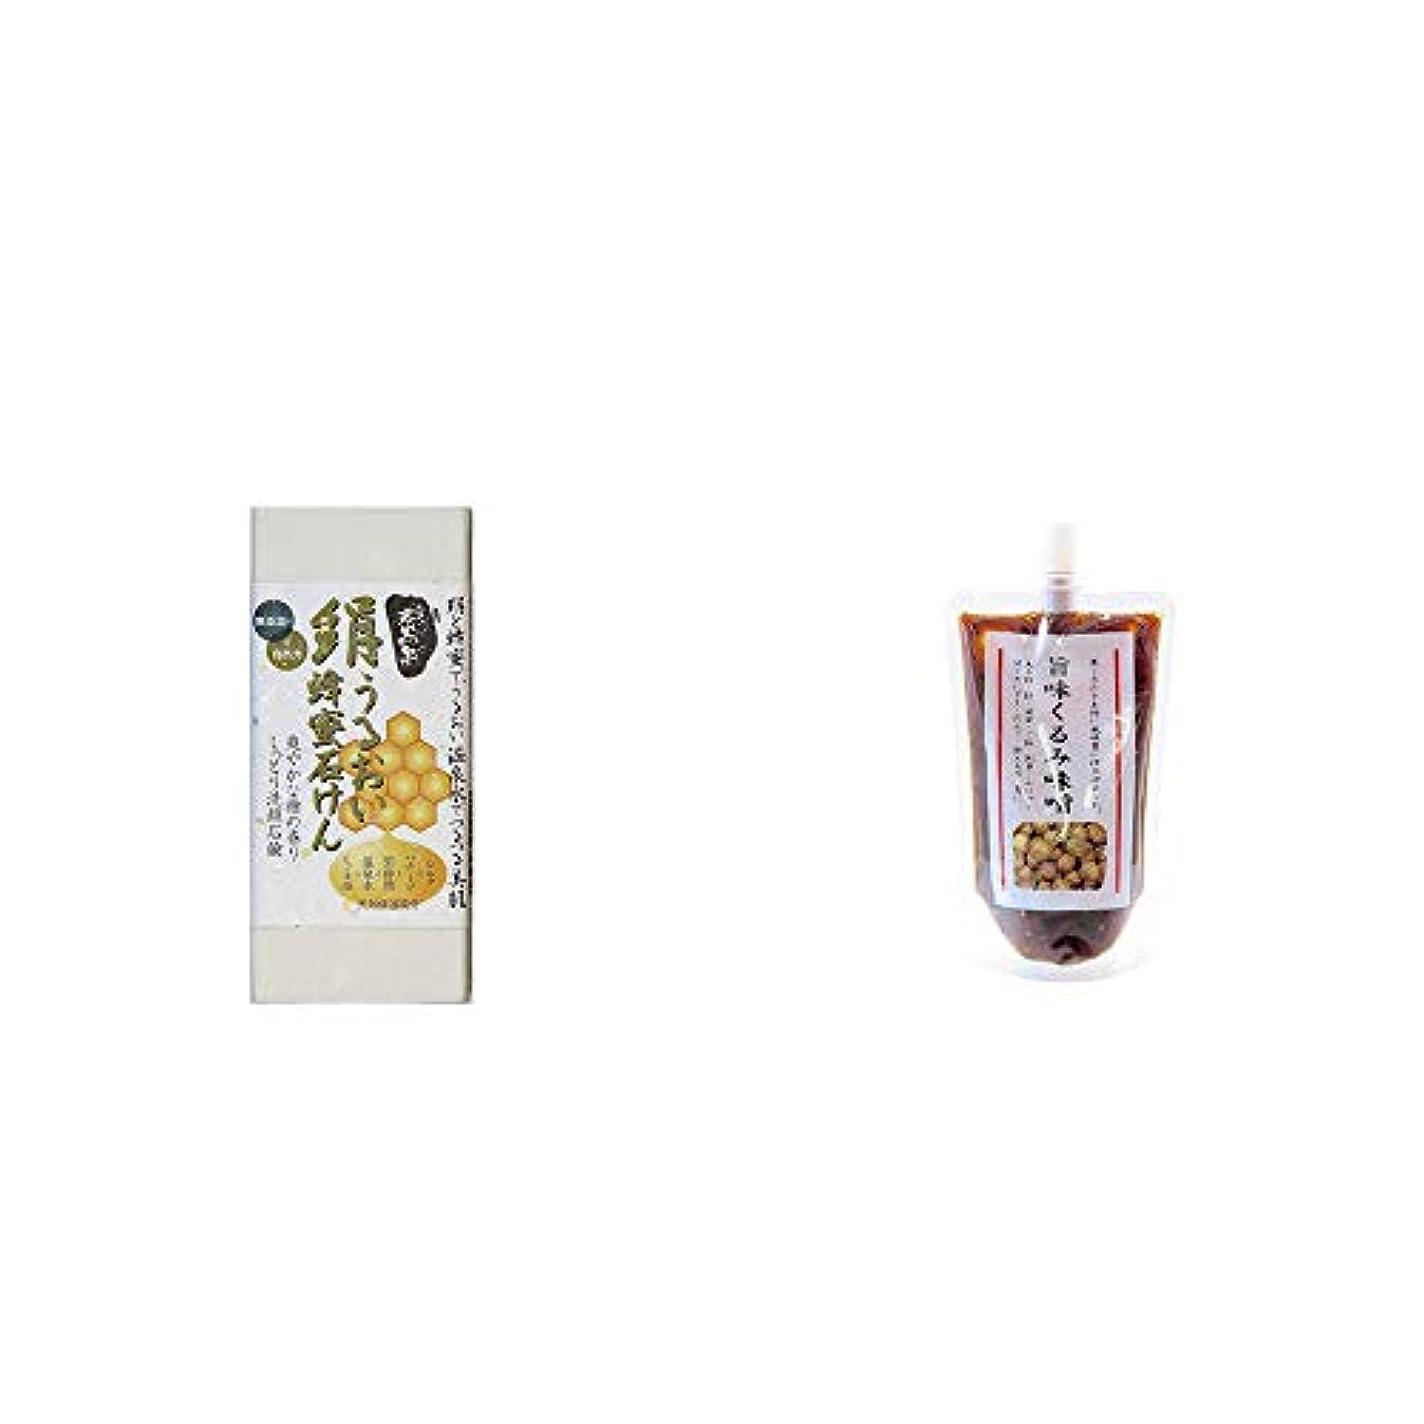 不振王女幾分[2点セット] ひのき炭黒泉 絹うるおい蜂蜜石けん(75g×2)?旨味くるみ味噌(260g)